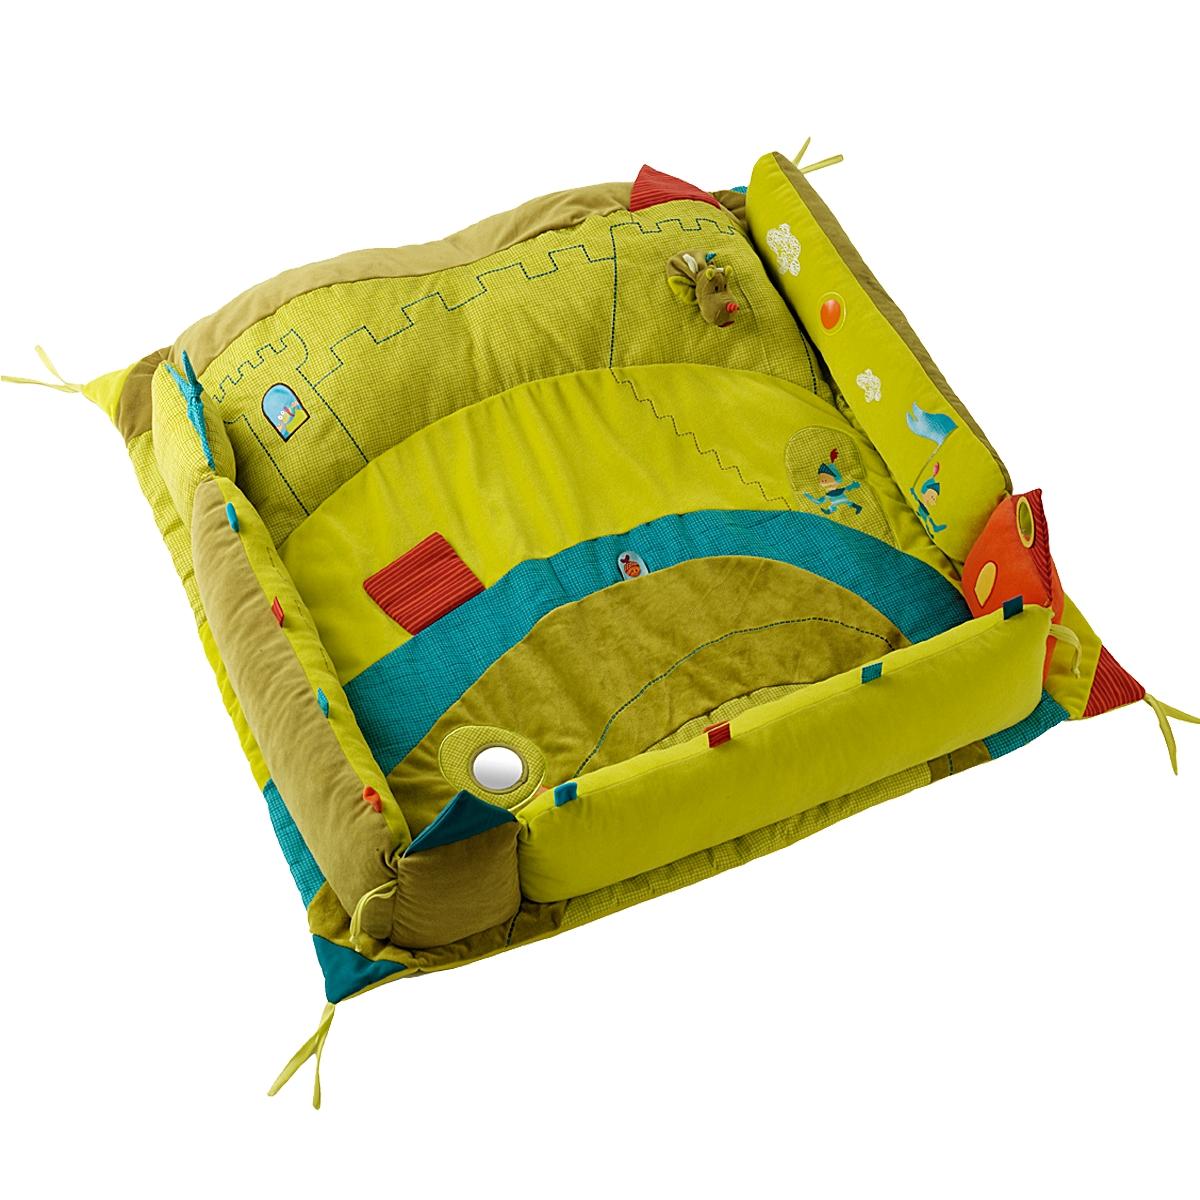 Lilliputiens Развивающий коврик Дракон Уолтер86288Этот коврик превращает манеж малыша в веселое и красочное место для игр и отдыха. Мягкая подушка в виде замка поддерживает головку малыша.